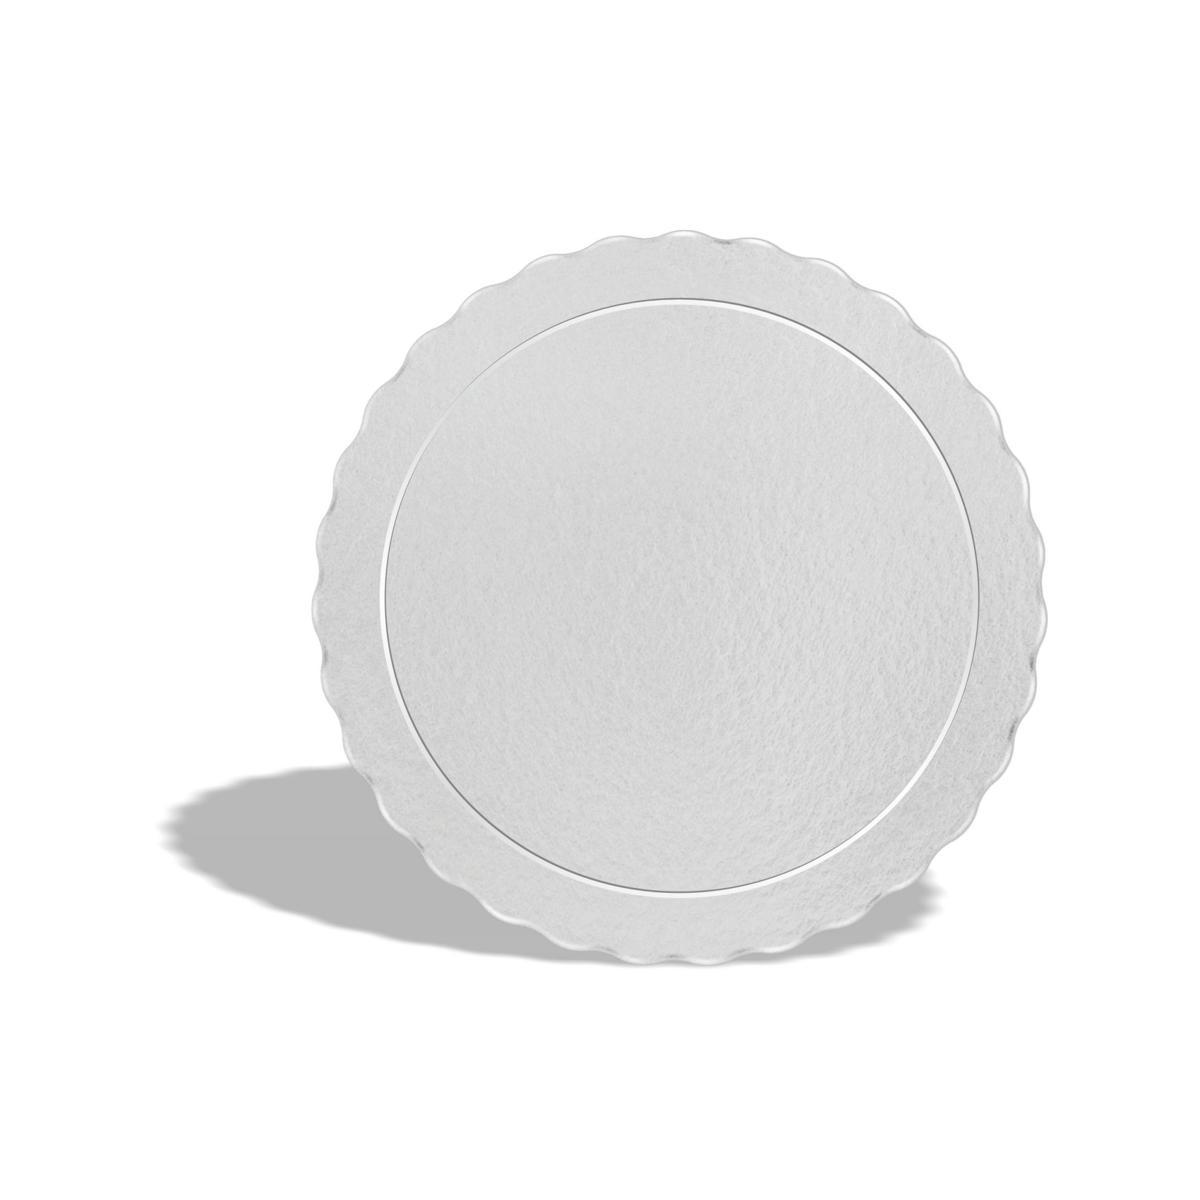 100 Bases Laminadas Para Bolo Redondo, Cake Board 28cm - Branco